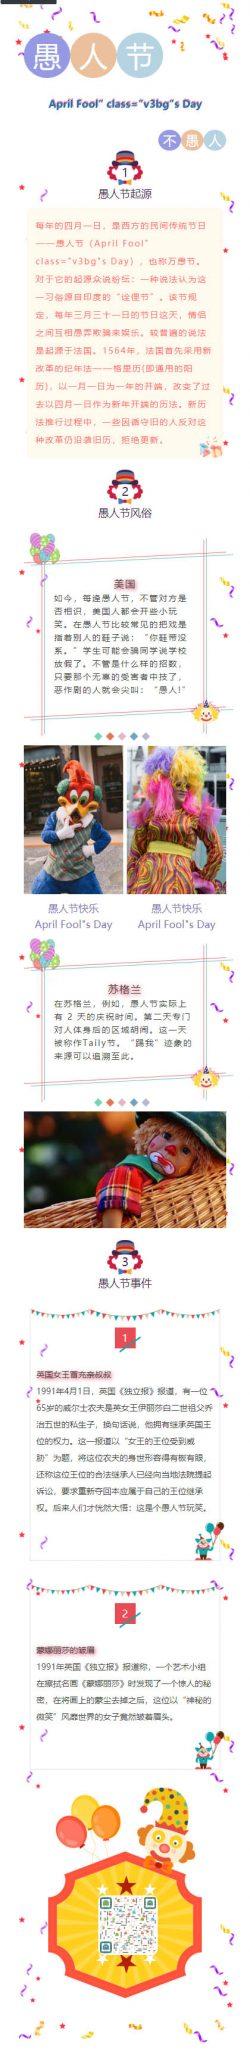 西方民间传统节日 愚人节(April Fool·s Day)万愚节素材模板推文推送图文